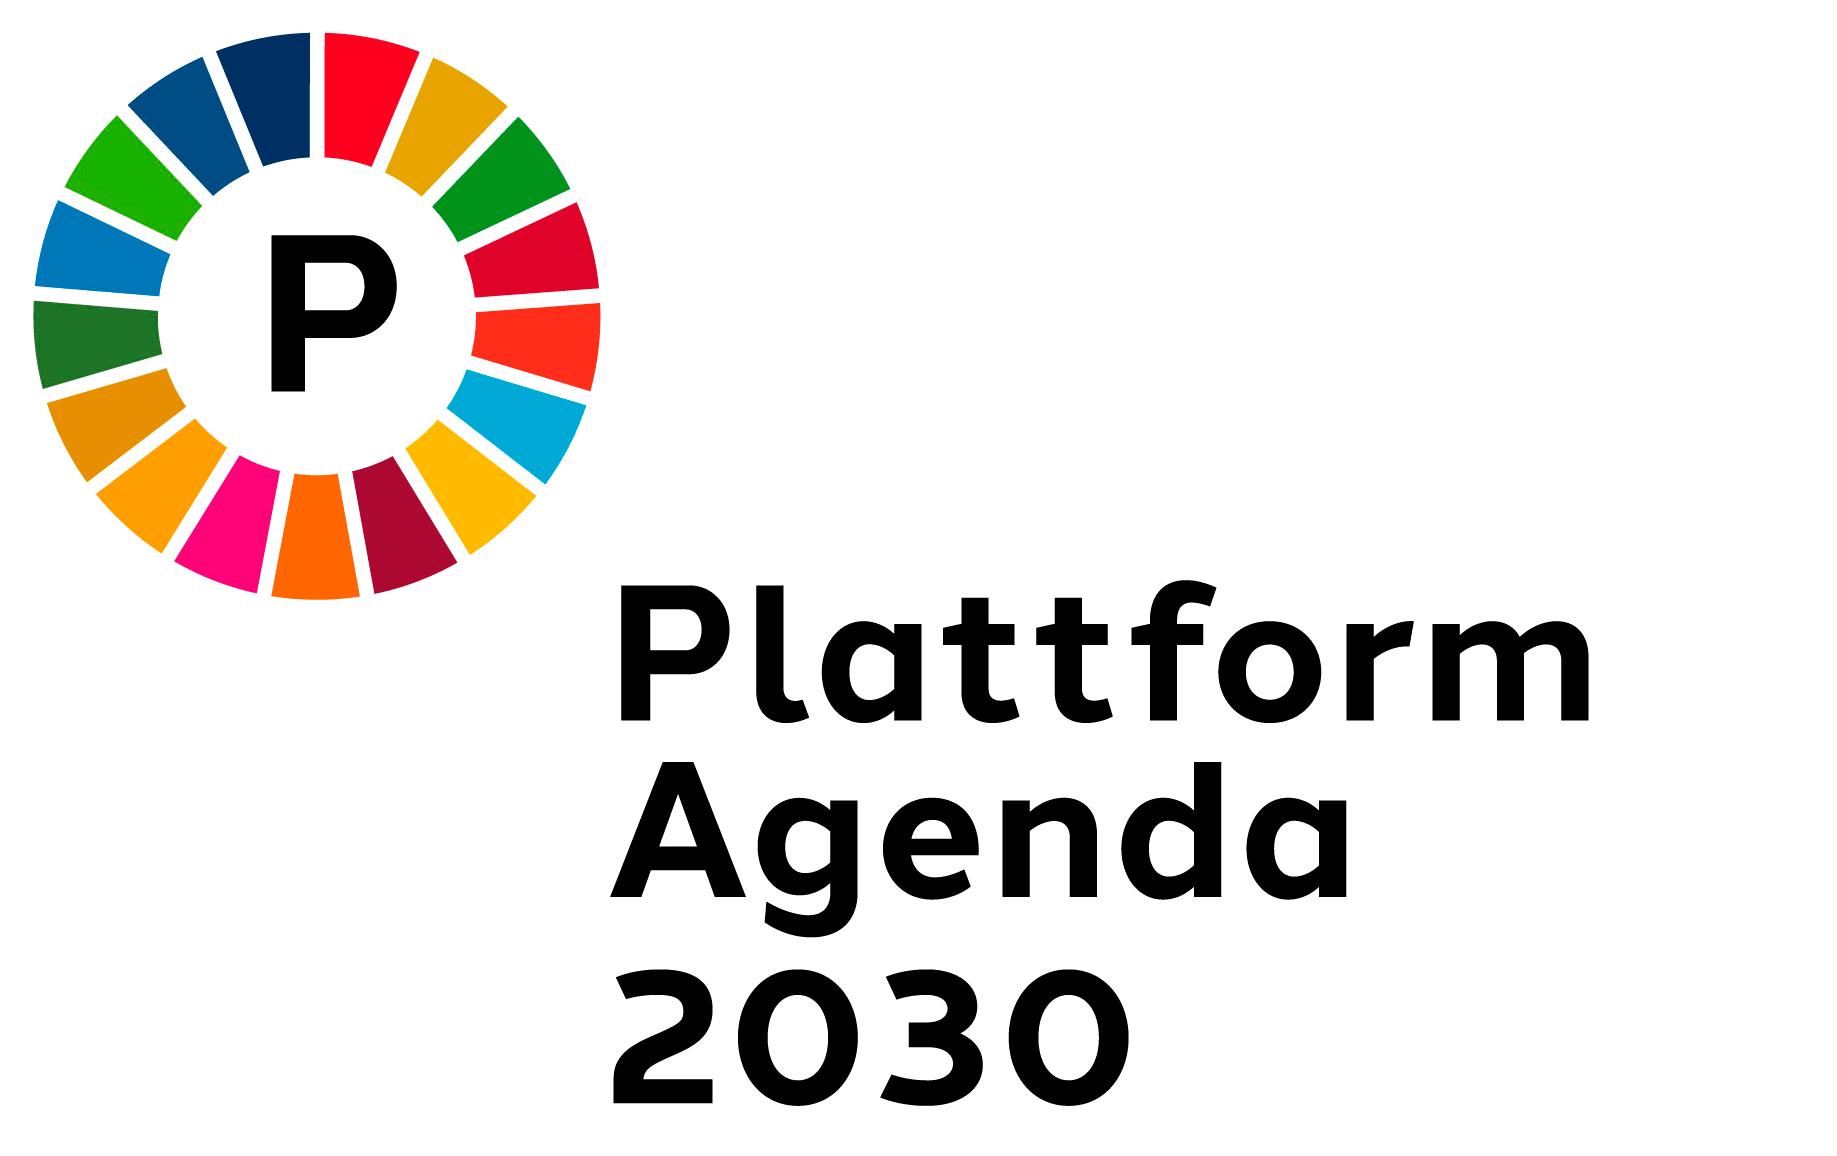 Platform Agenda 2030